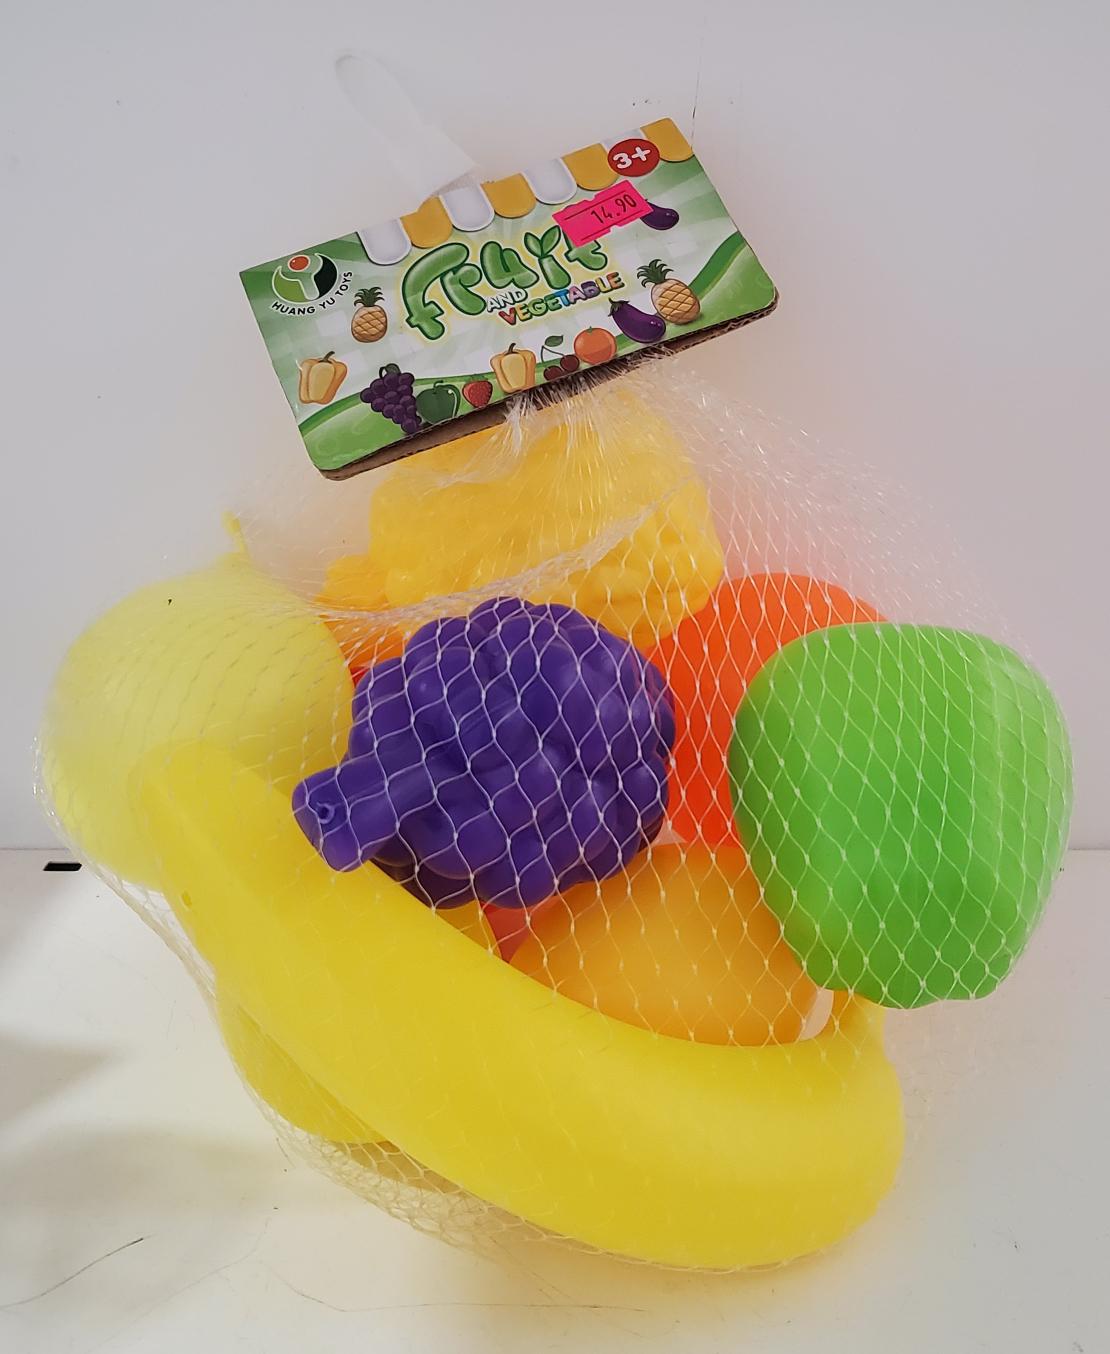 מארז פירות בשקית